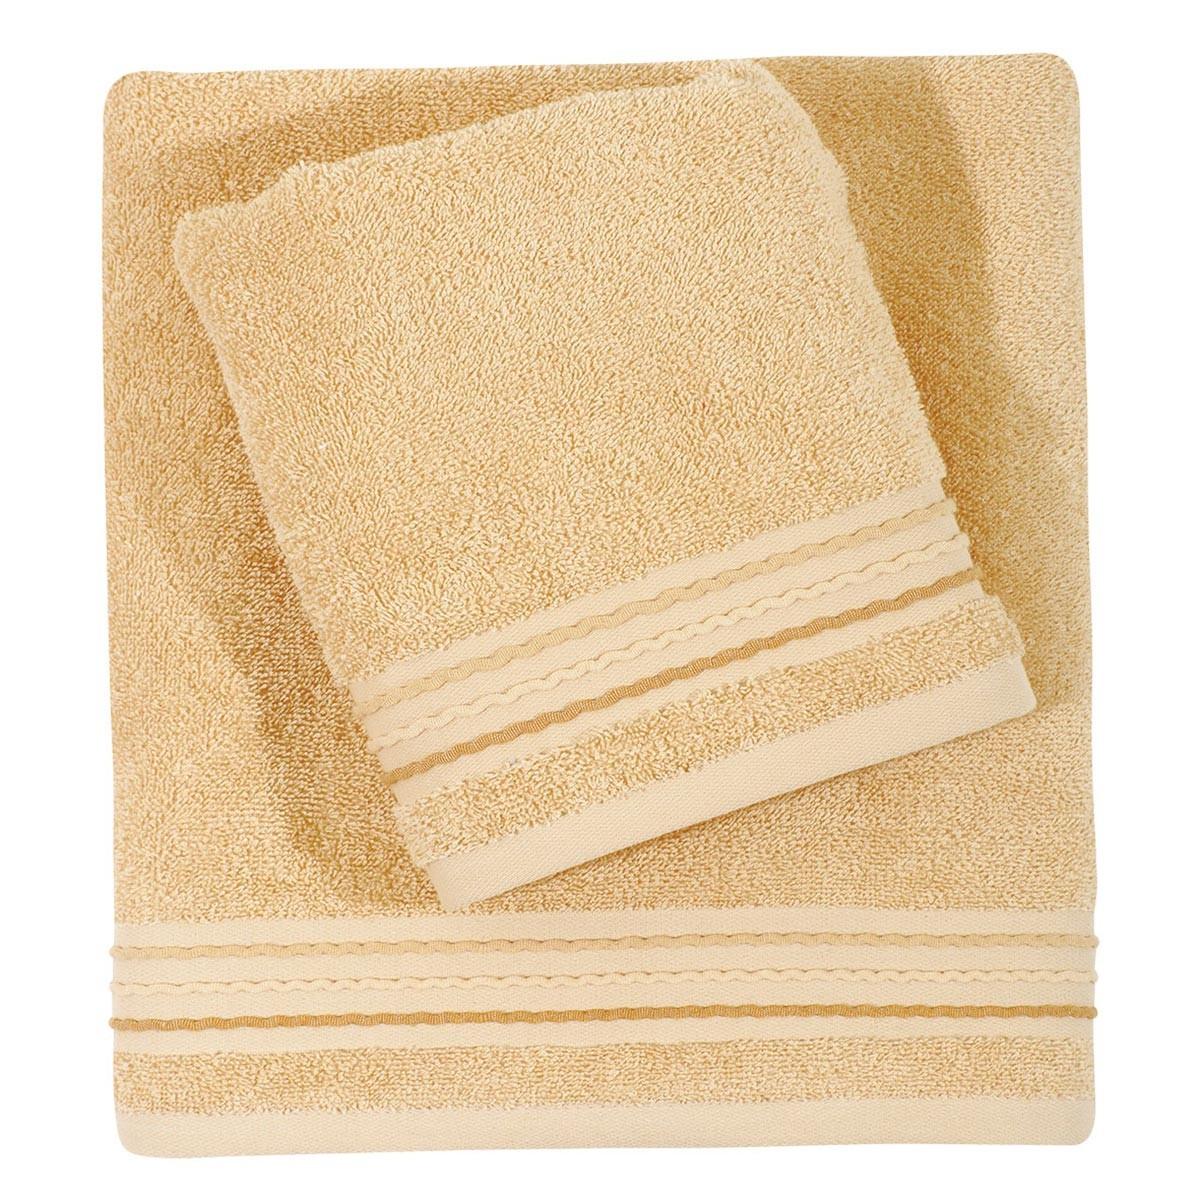 Πετσέτες Μπάνιου (Σετ 3τμχ) Das Home Best Towels 307